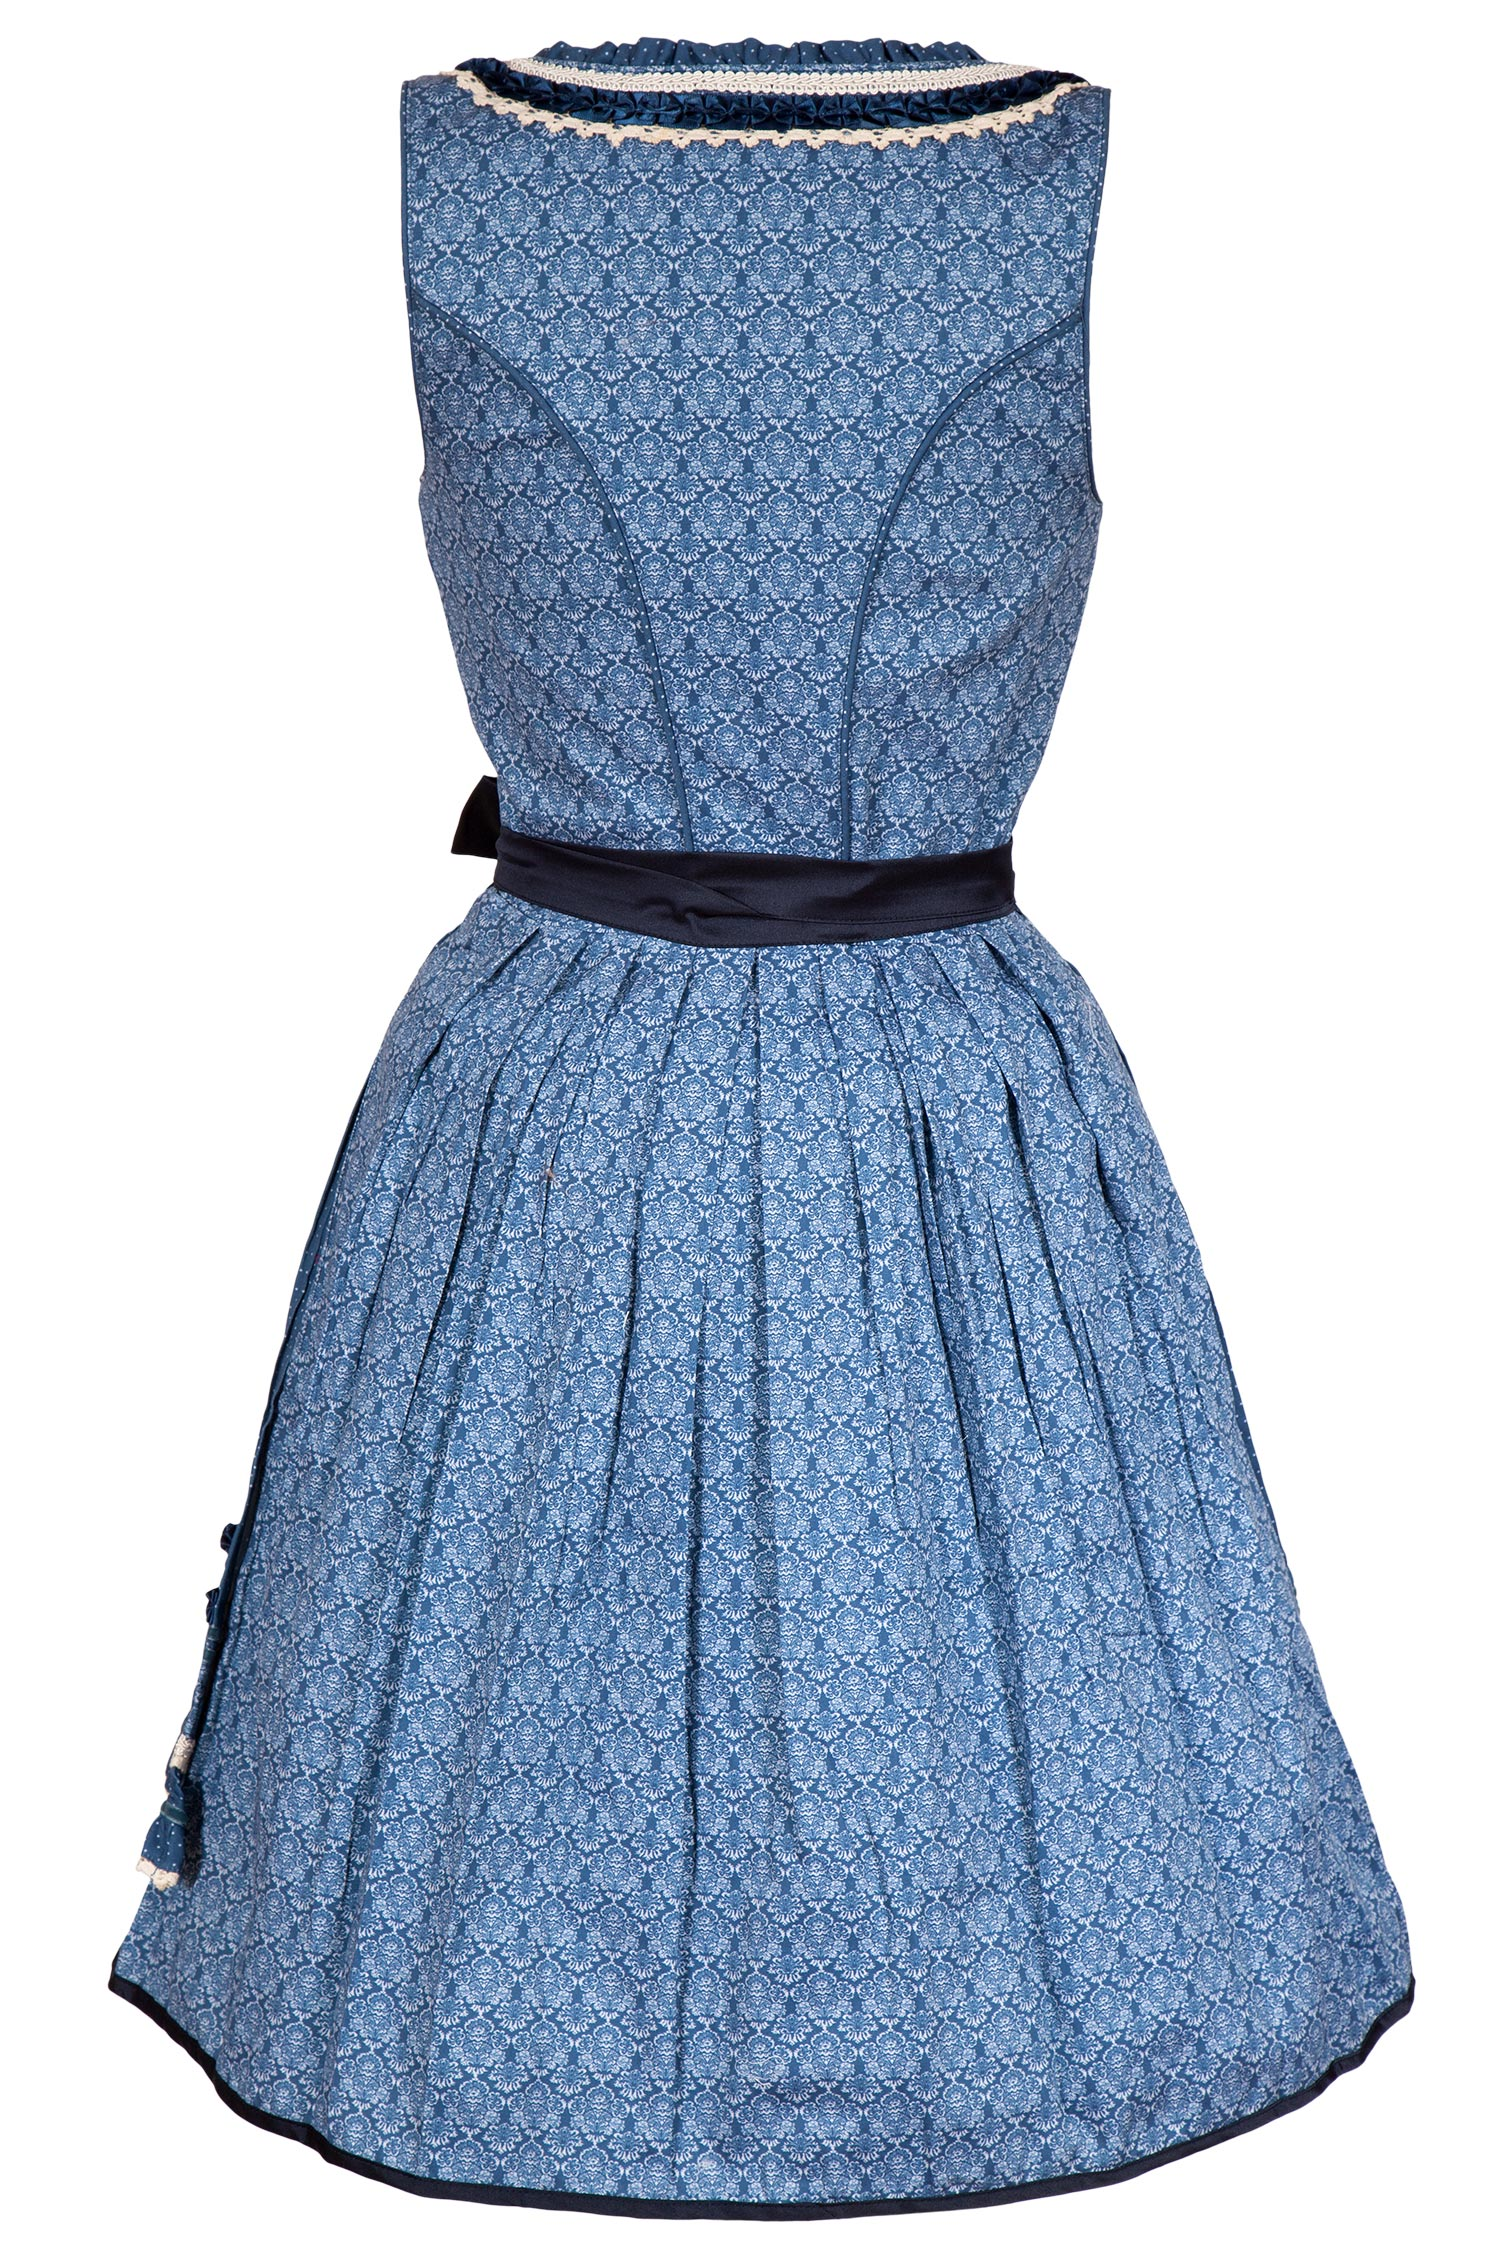 mini-dirndl-blau-3051-1496-bl8-20-03g-8518-c